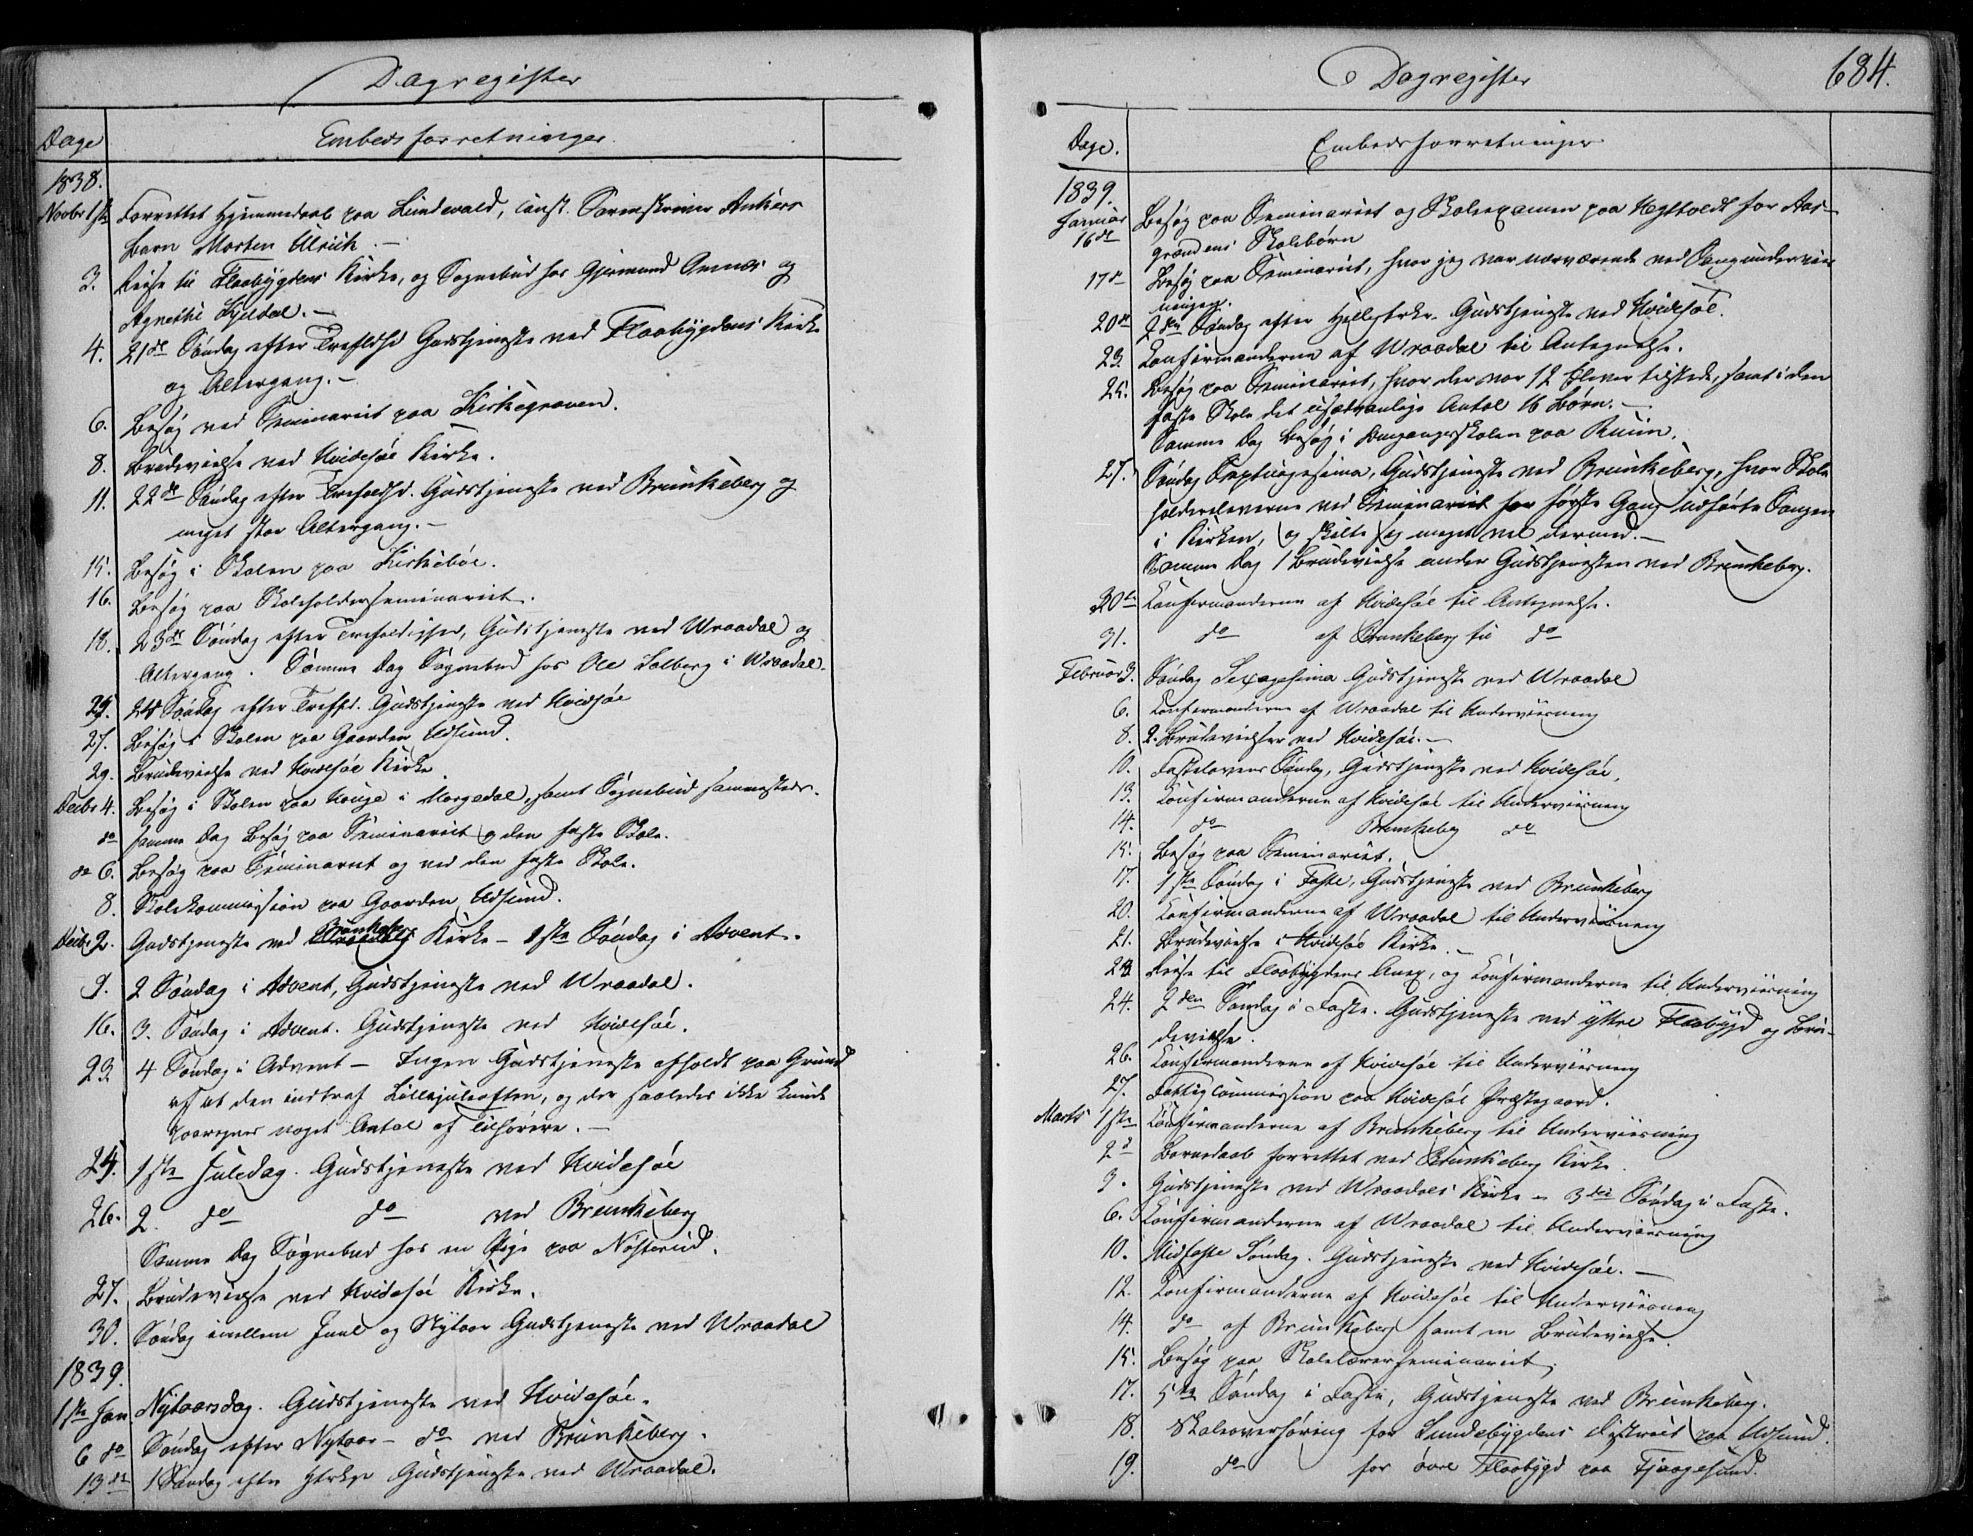 SAKO, Kviteseid kirkebøker, F/Fa/L0006: Ministerialbok nr. I 6, 1836-1858, s. 684